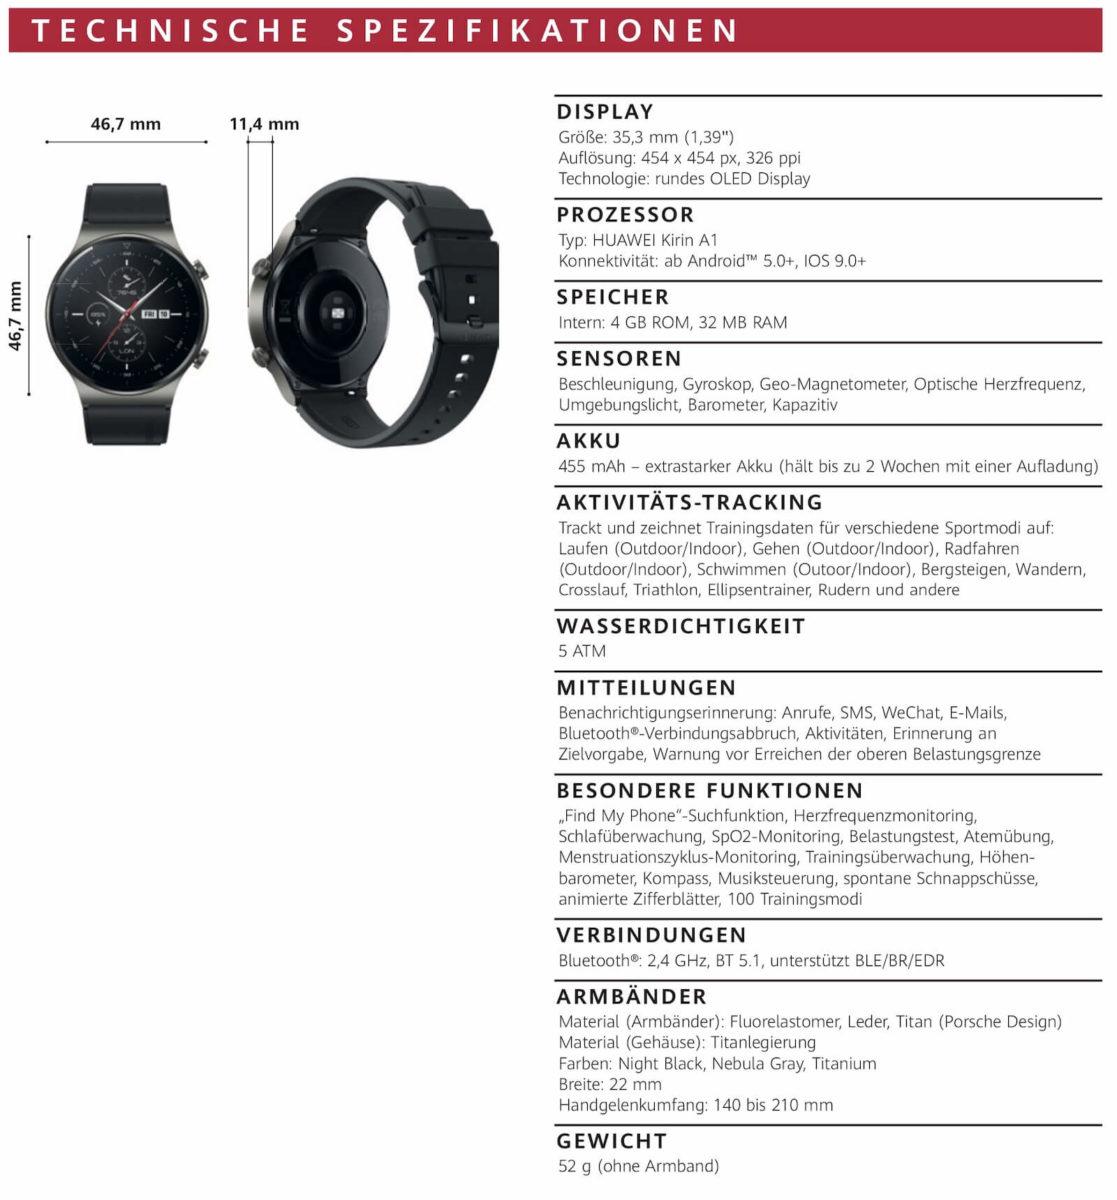 Huawei Watch GT 2 Pro Spezifikationen